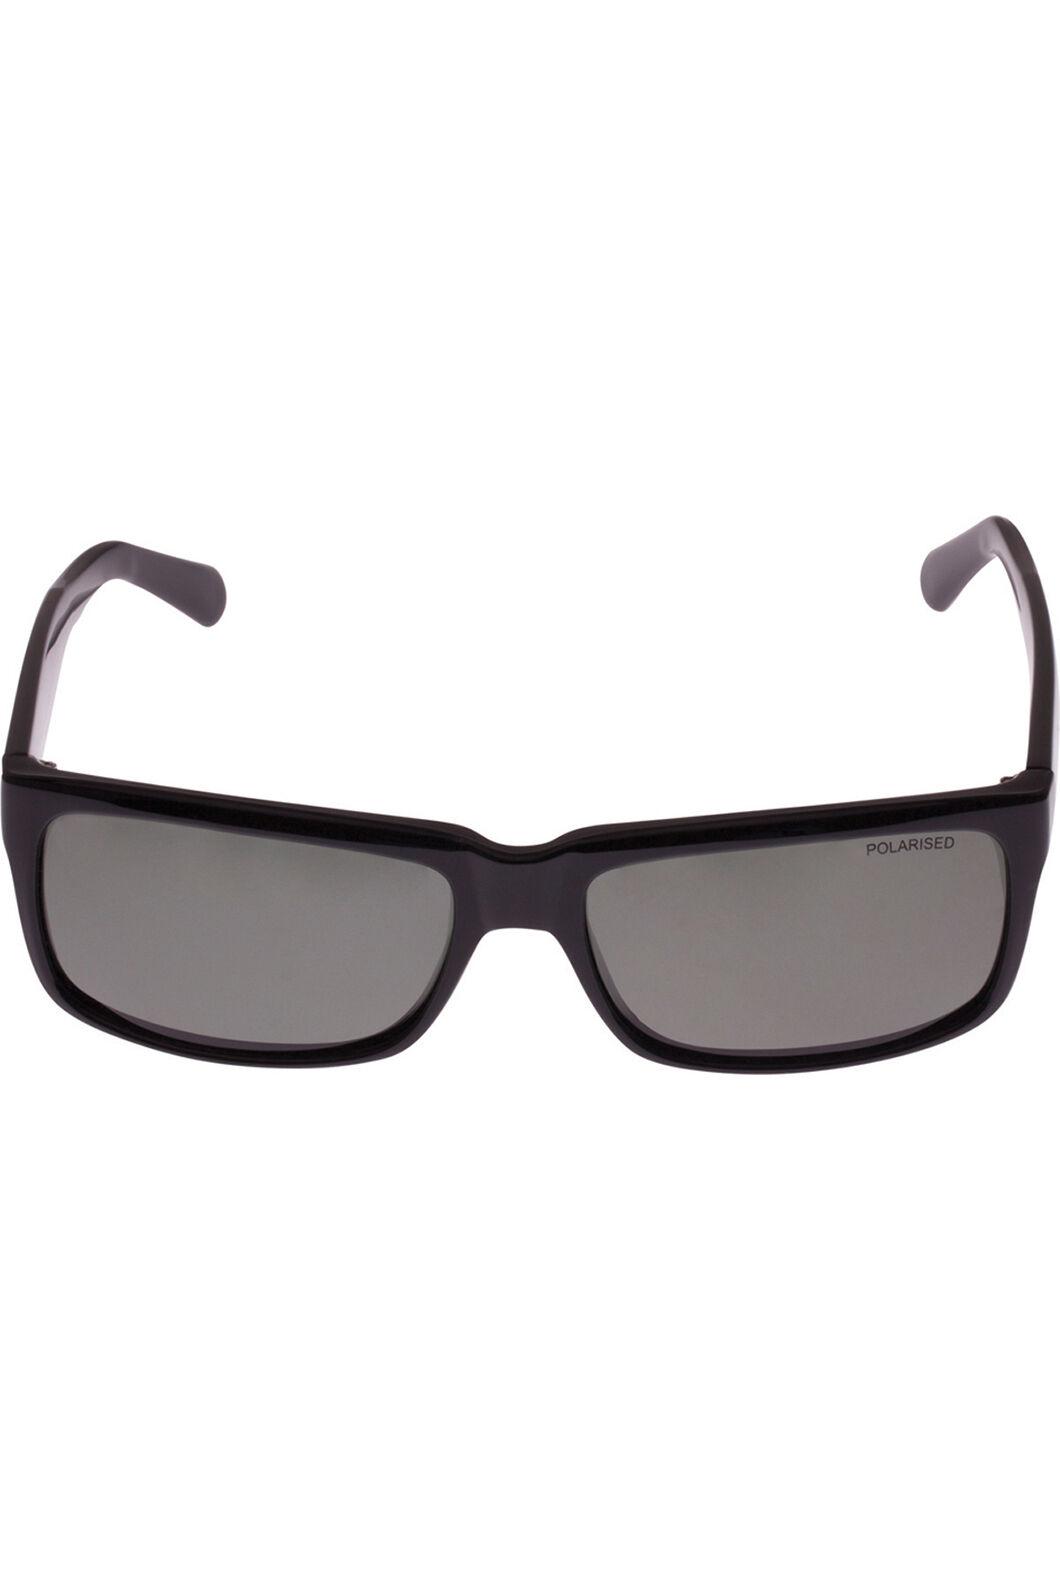 Cancer Council Men's Blaand Sunglasse, Black, hi-res